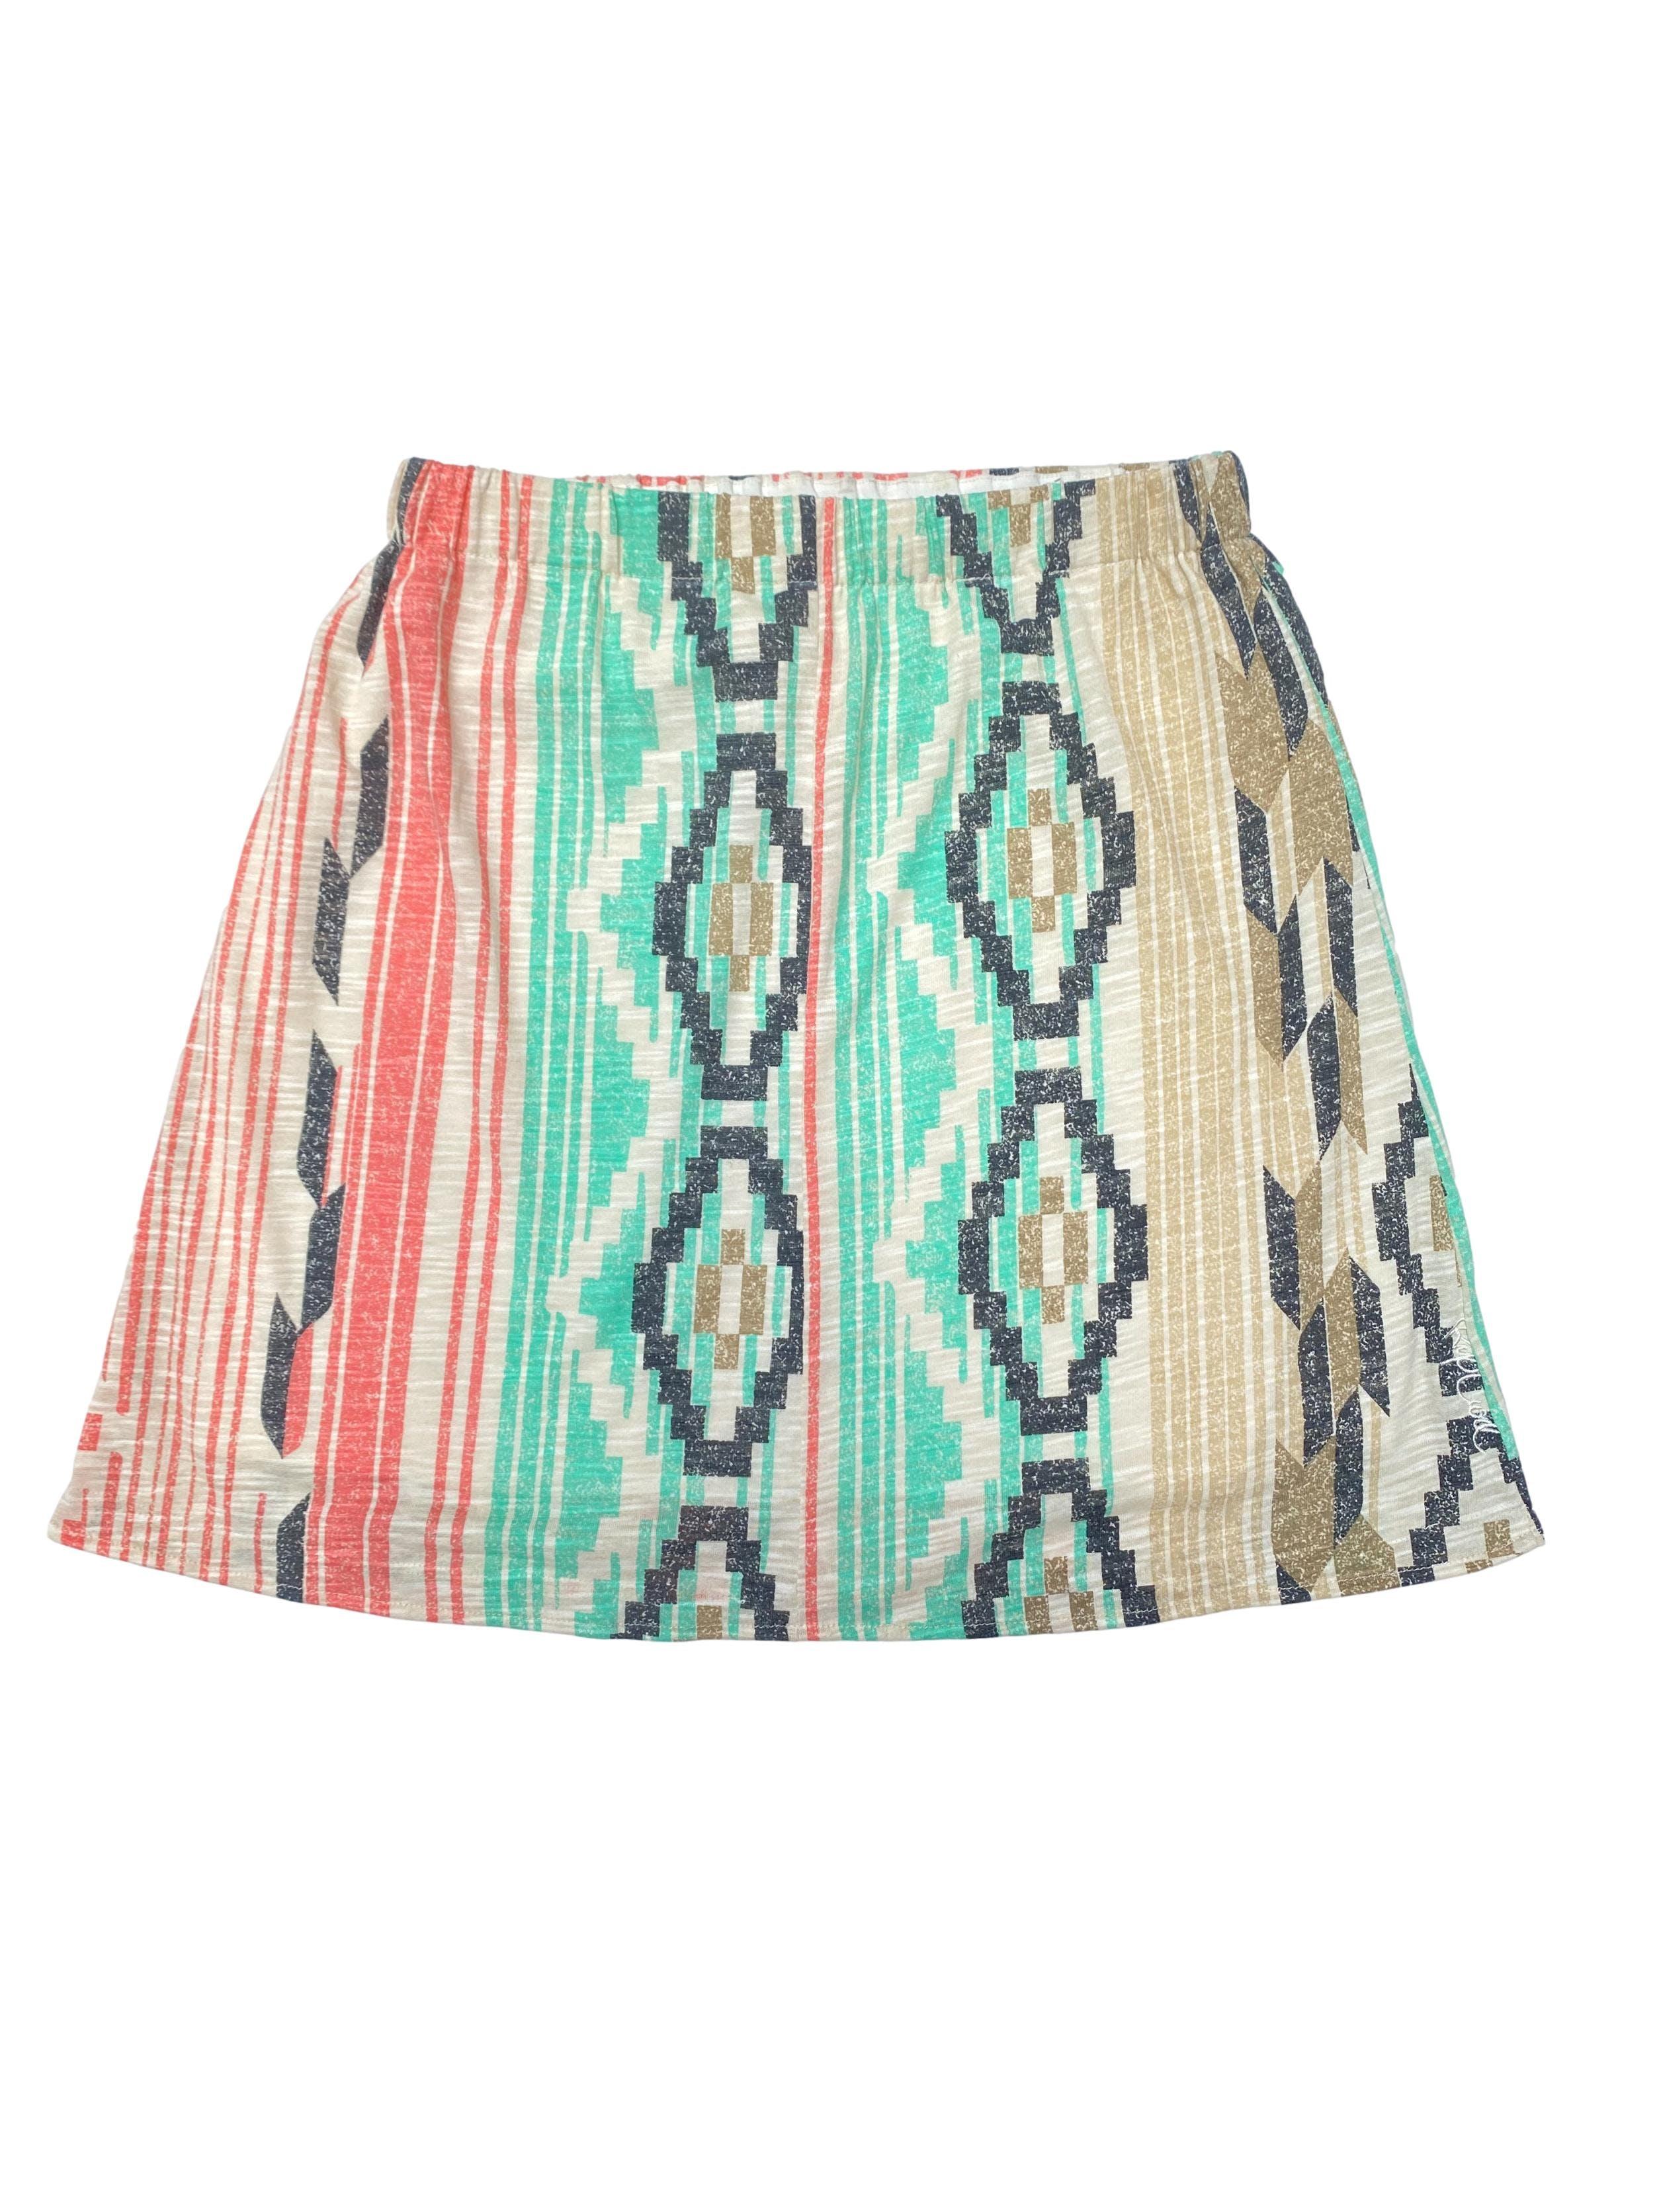 Falda Rip Curl tipo algodón con print tribal, lleva elástico en la cintura y forro. Largo 44cm